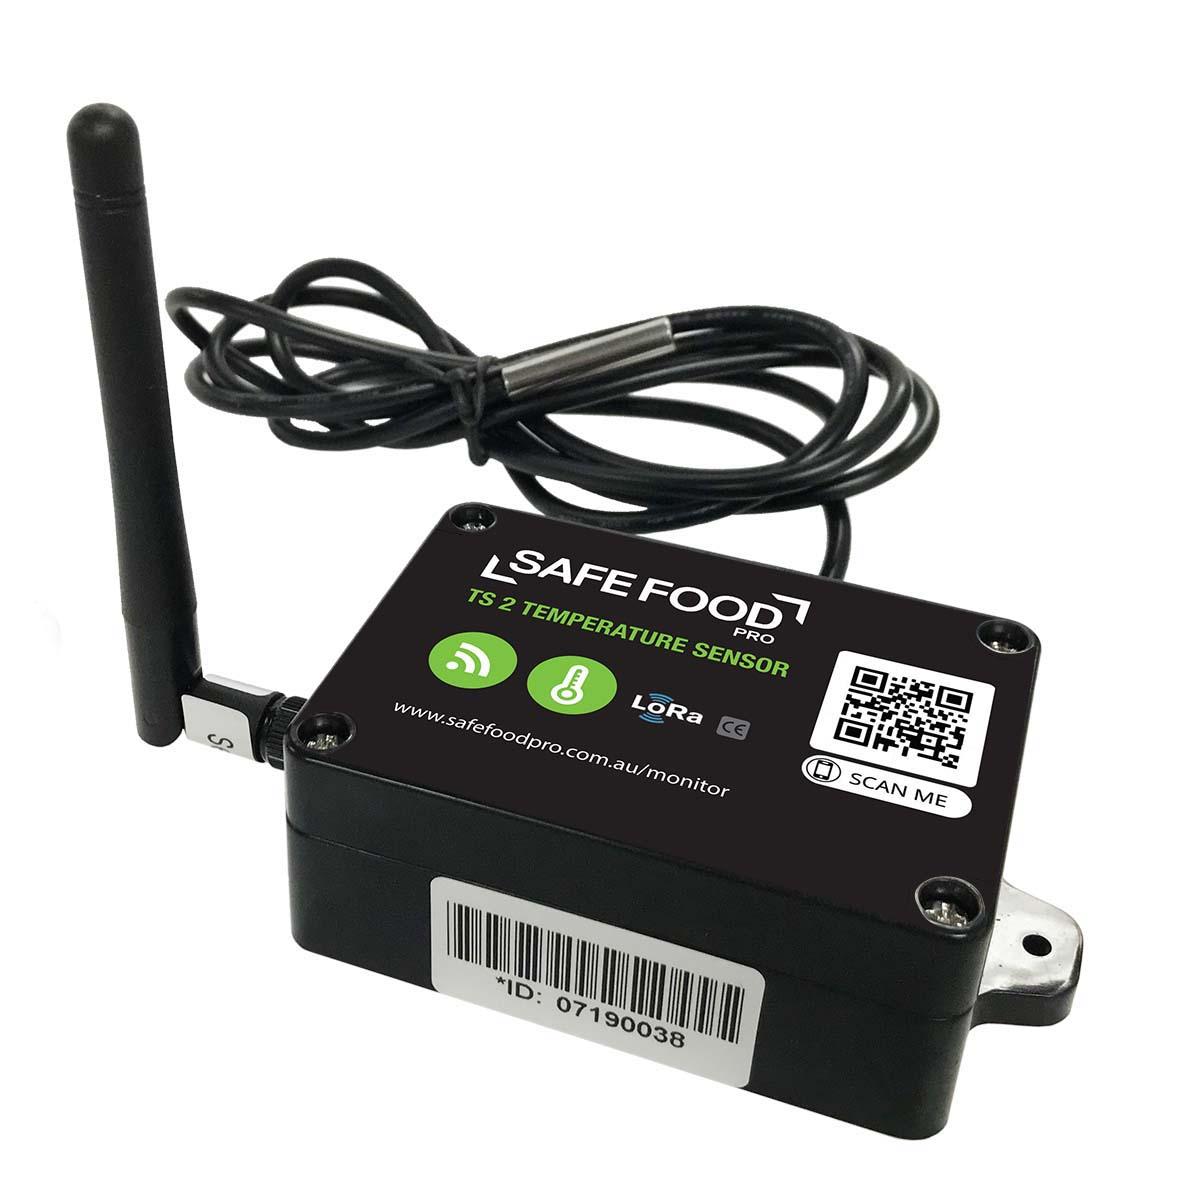 MP-TS2 Temperature Sensor